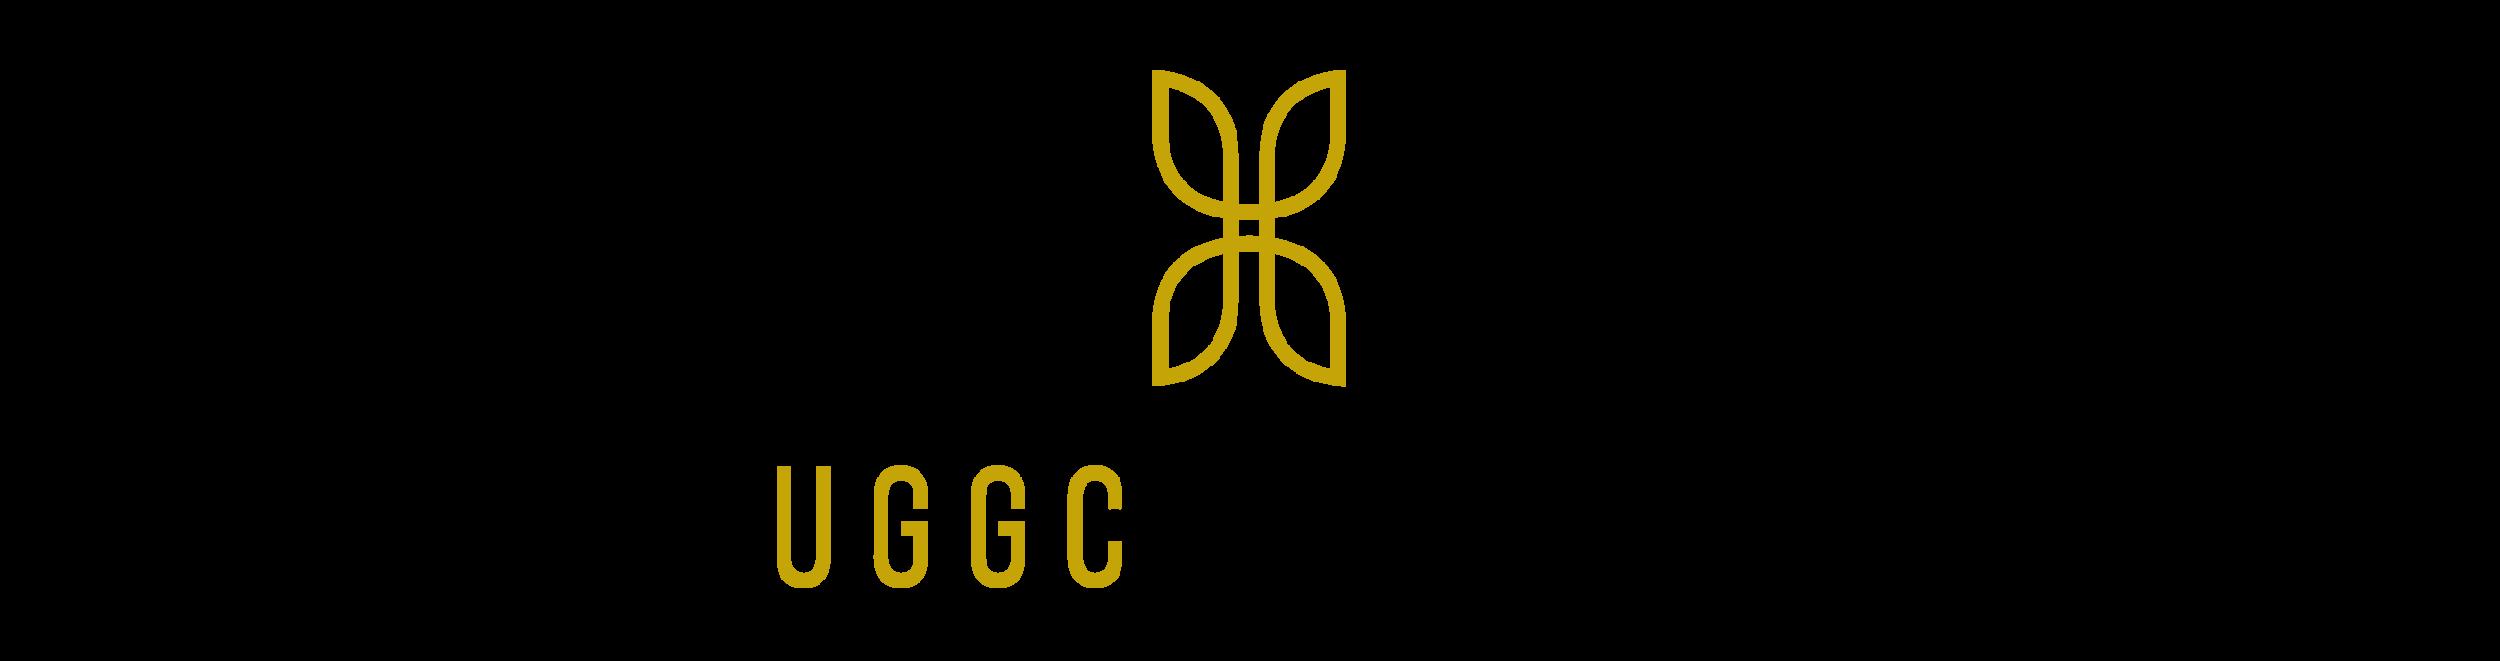 UGGC Avocats - UGGC Avocats est l'un des premiers cabinets d'avocats indépendants en France. Avec des bureaux présents sur 3 zones géographiques (Europe, Afrique et Asie) et un réseau structuré de correspondants, le cabinet dispose d'une capacité d'intervention internationale efficace.Le cabinet est composé de plus de 100 avocats dont 27 associés et un effectif global de près de 150 personnes. Un tiers des avocats exerce son activité hors de France.UGGC Avocats réalise un chiffre d'affaires consolidé de 29.3 millions d'euros. Grâce à la confiance de ses clients et la pérennité de ses équipes, le cabinet bénéficie d'une croissance significative et constante de son chiffre d'affaires et de ses effectifs depuis plus de 20 ans, sans effet de cycle.